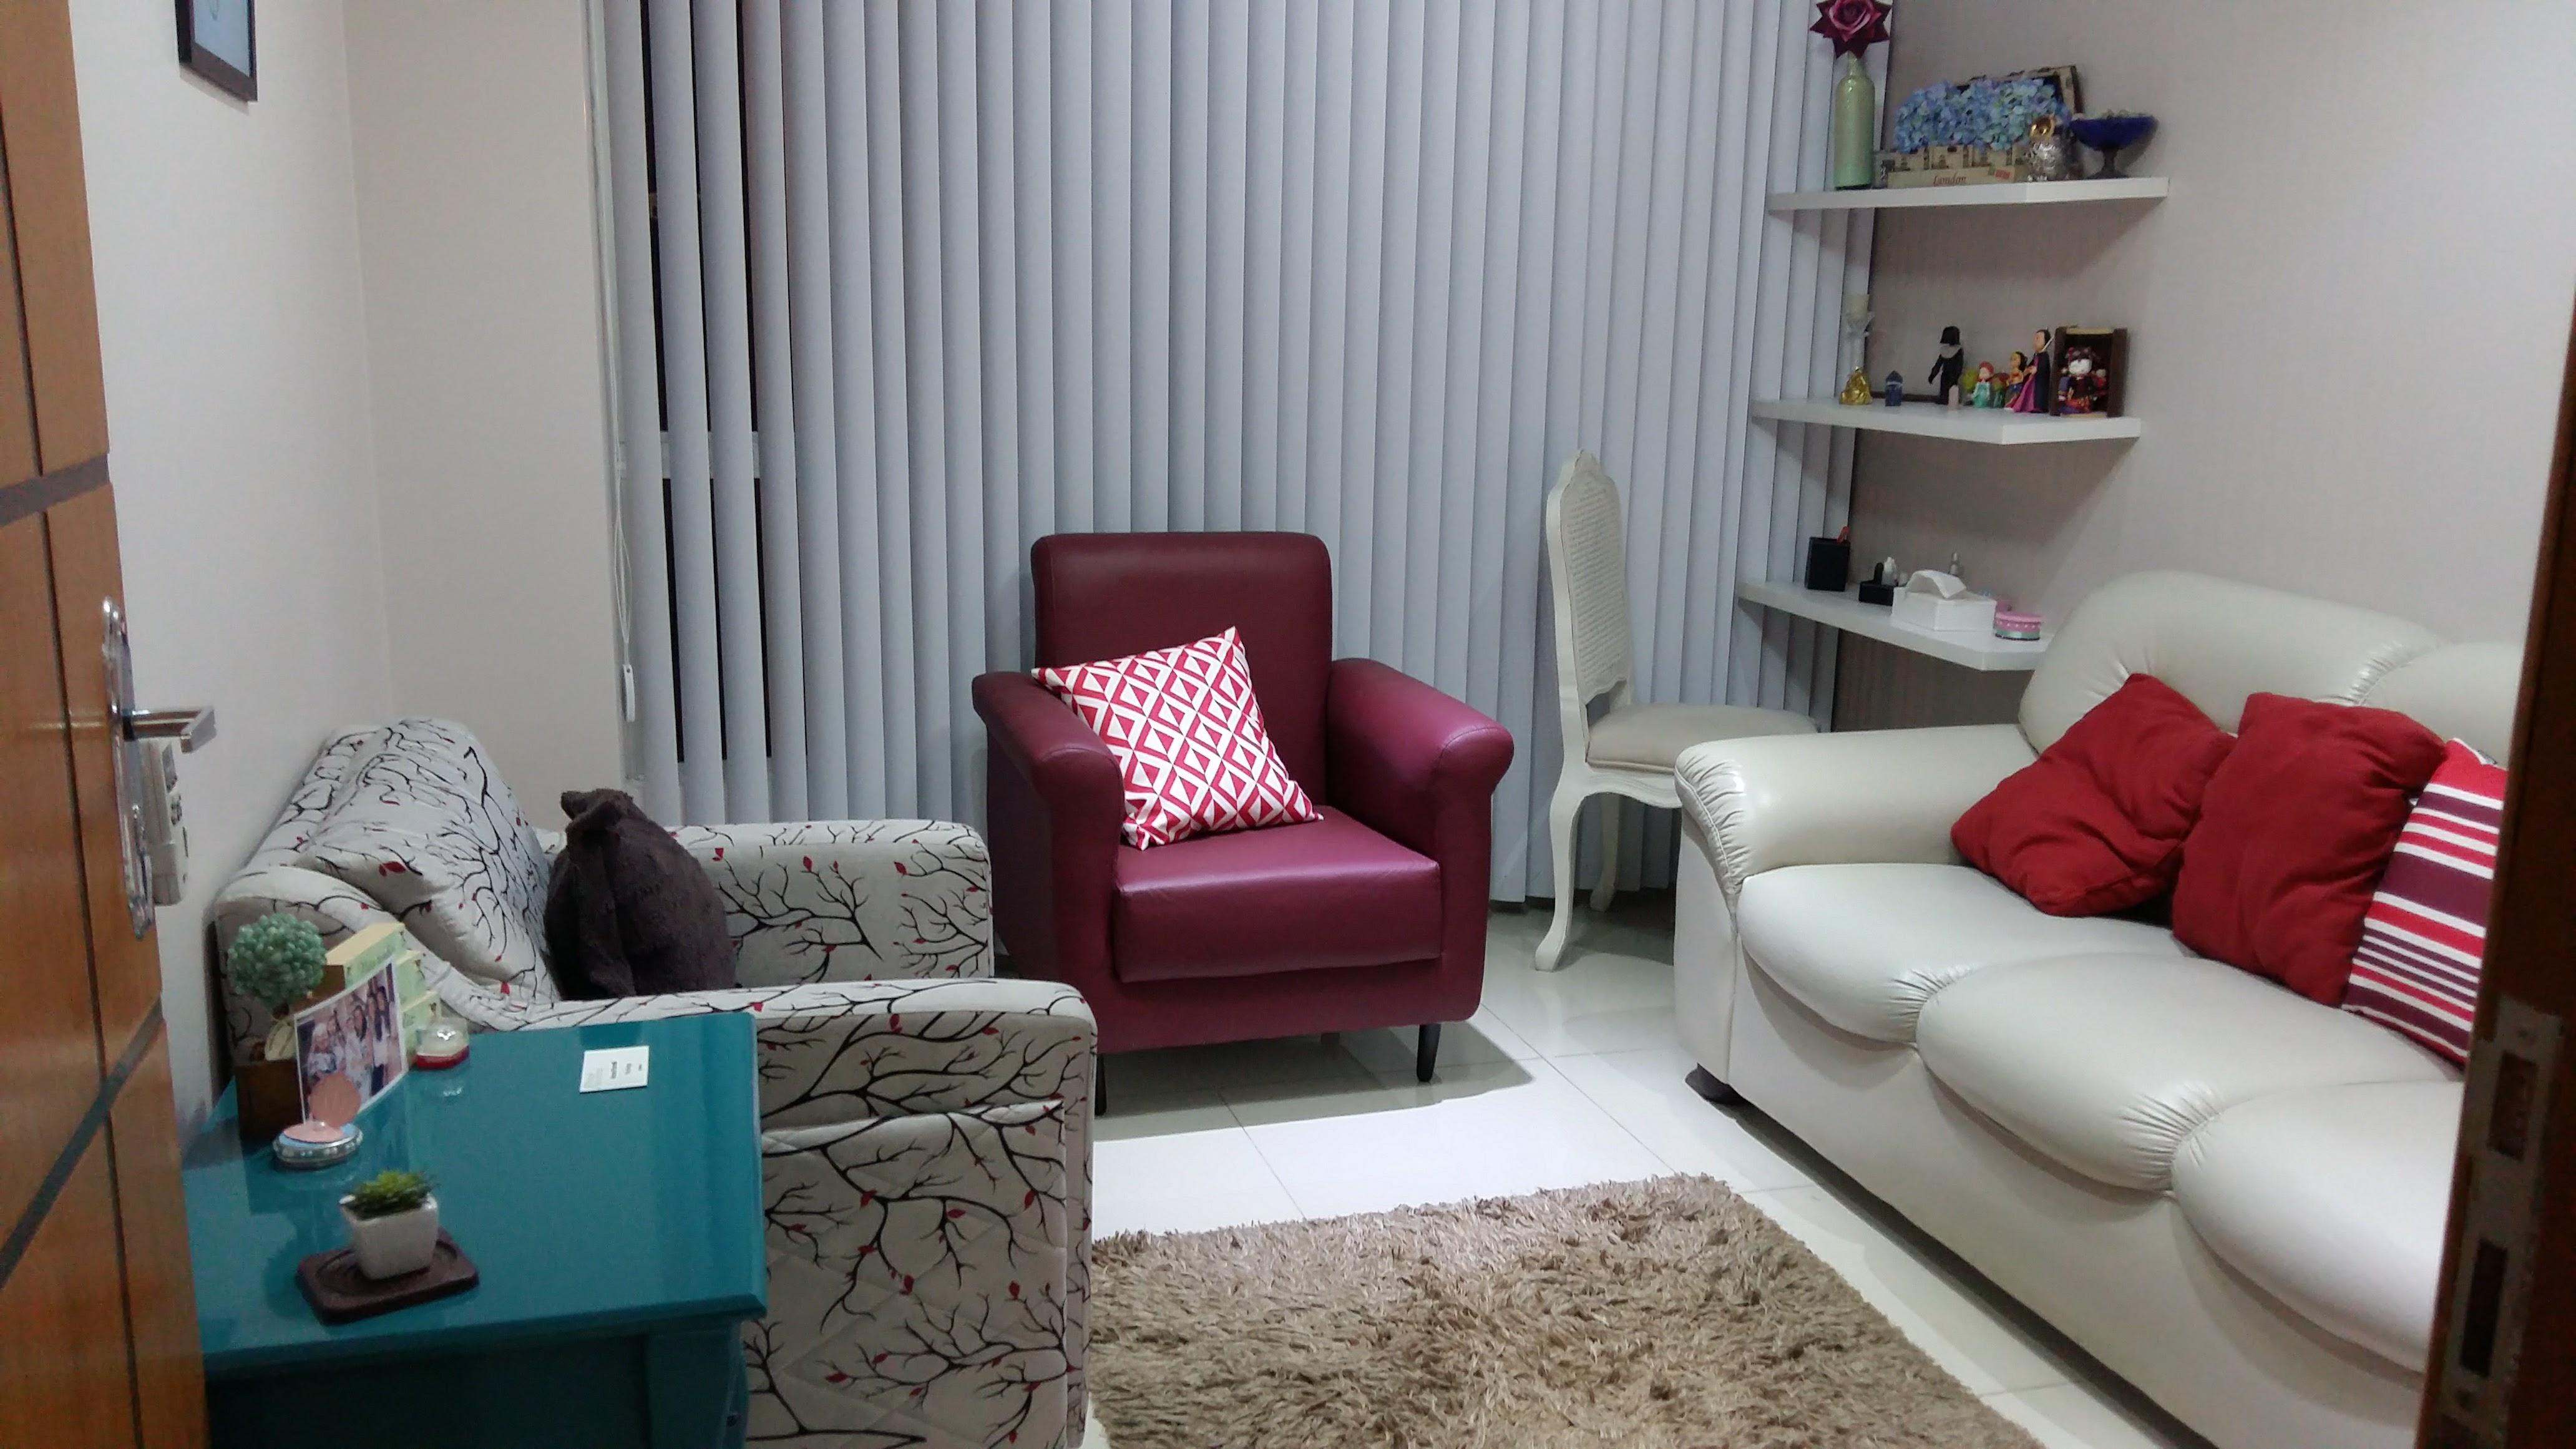 Psique_Clinica_Psicologia_Campo_Grande_RJ_Sala201_Consultorio1.5